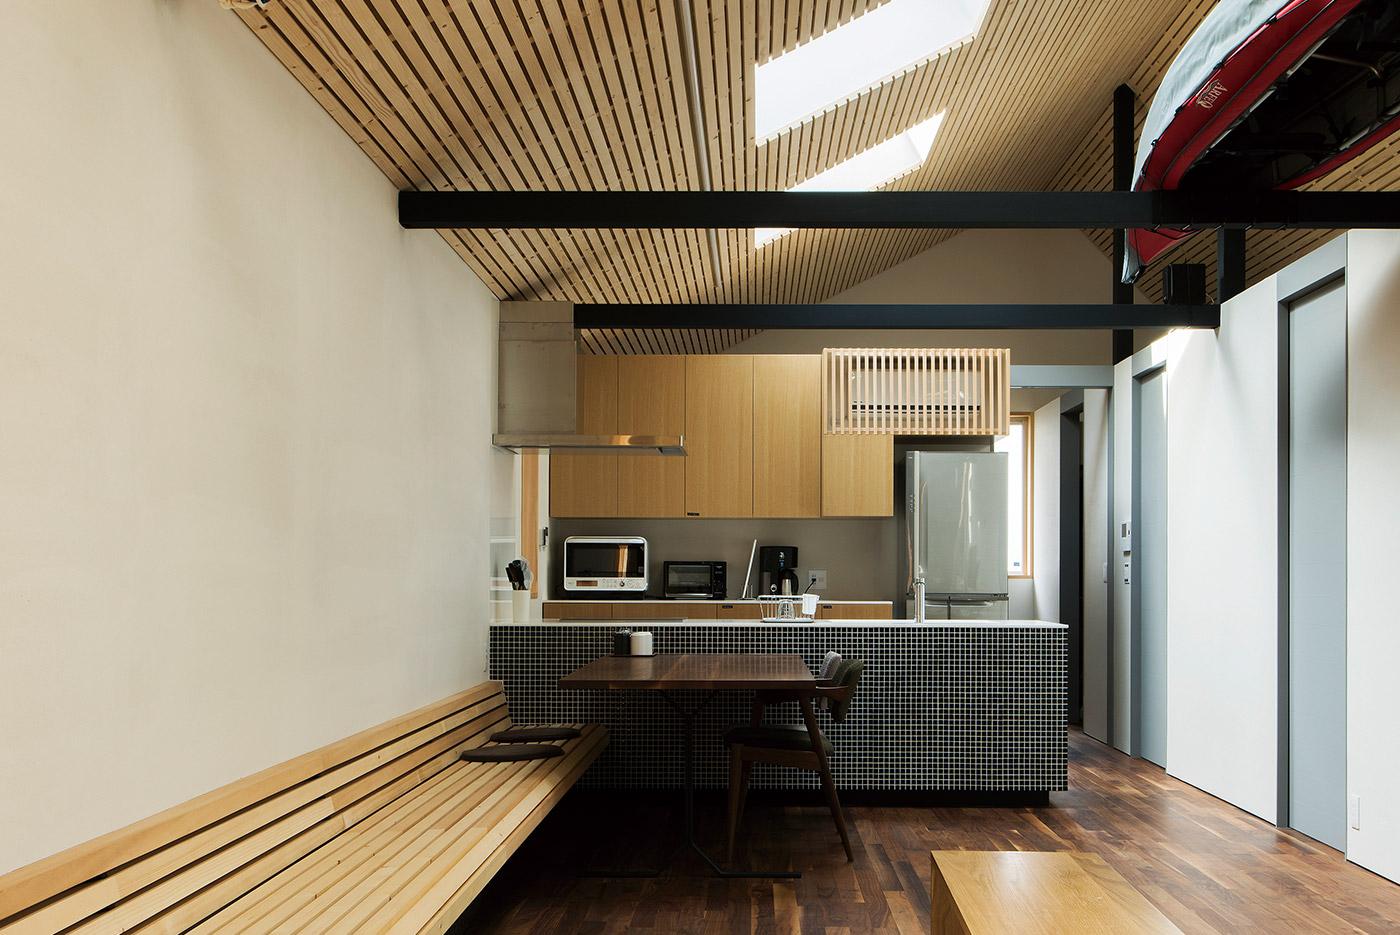 マツ材張りの天井と照明、造作ベンチが軽快なラインを描くLDK。天窓からこぼれる外光がつくる陰影も美しい